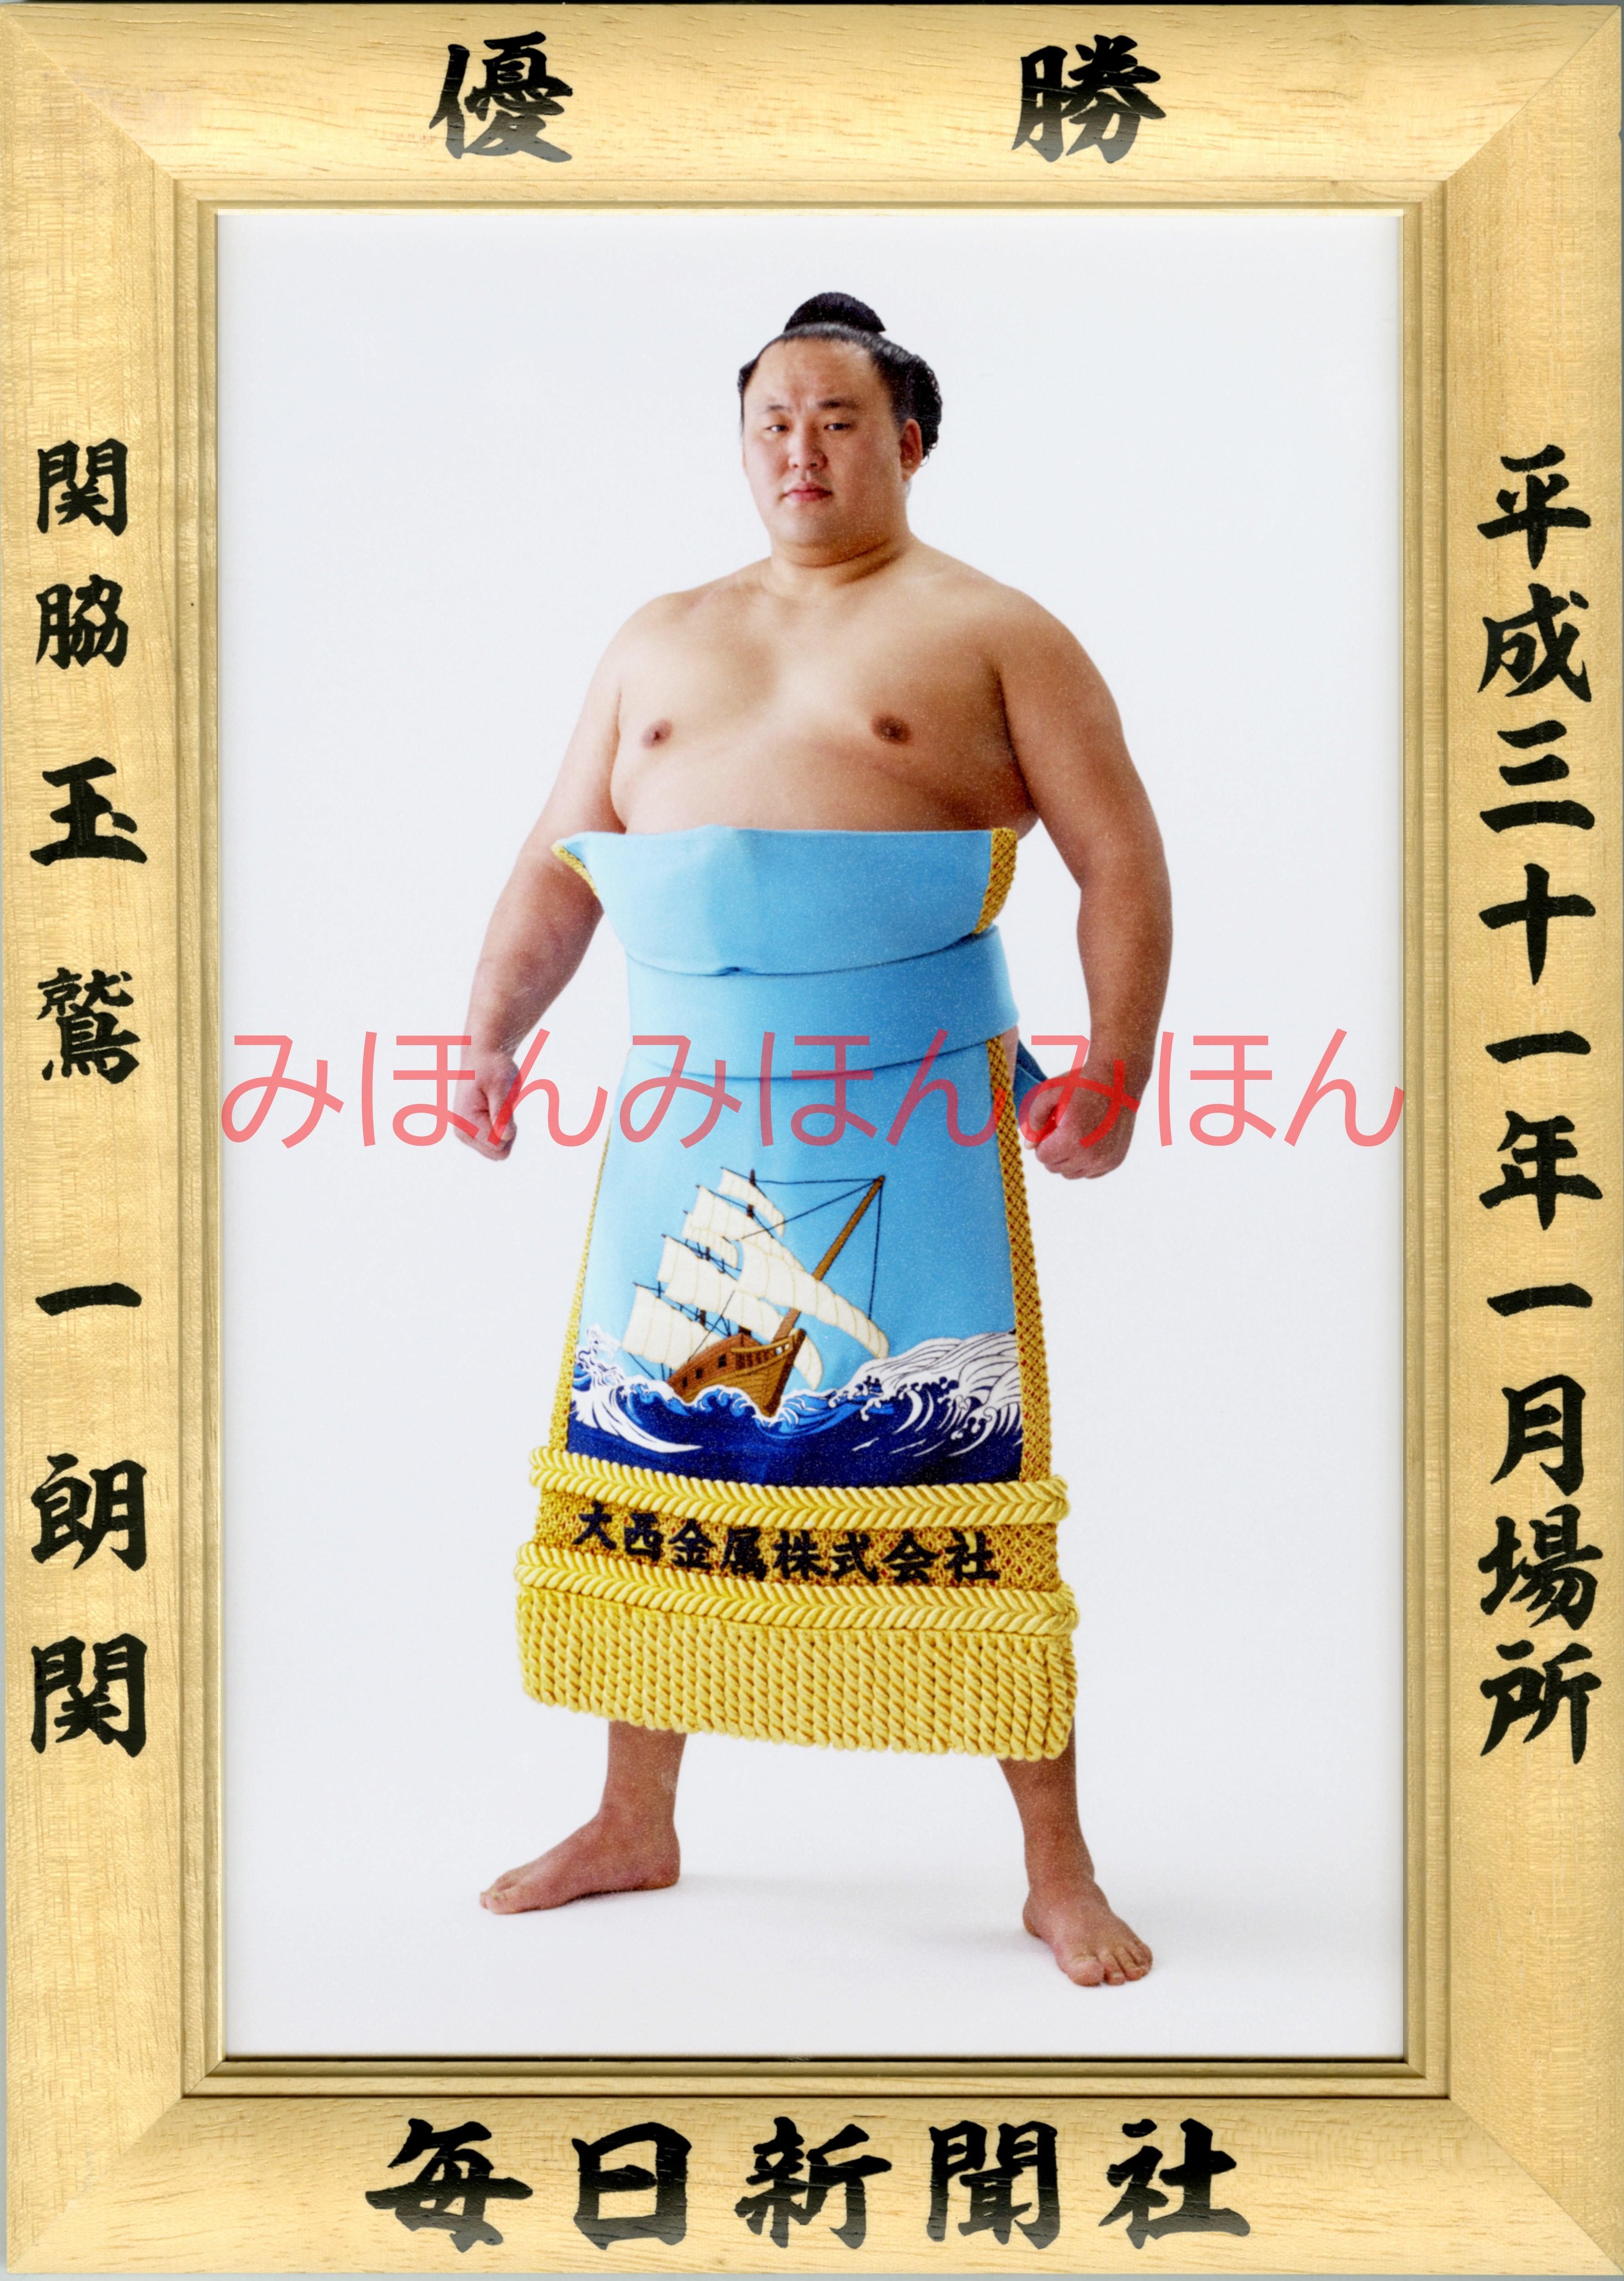 平成31(2019)年1月場所優勝 関脇 玉鷲一朗関(初優勝)